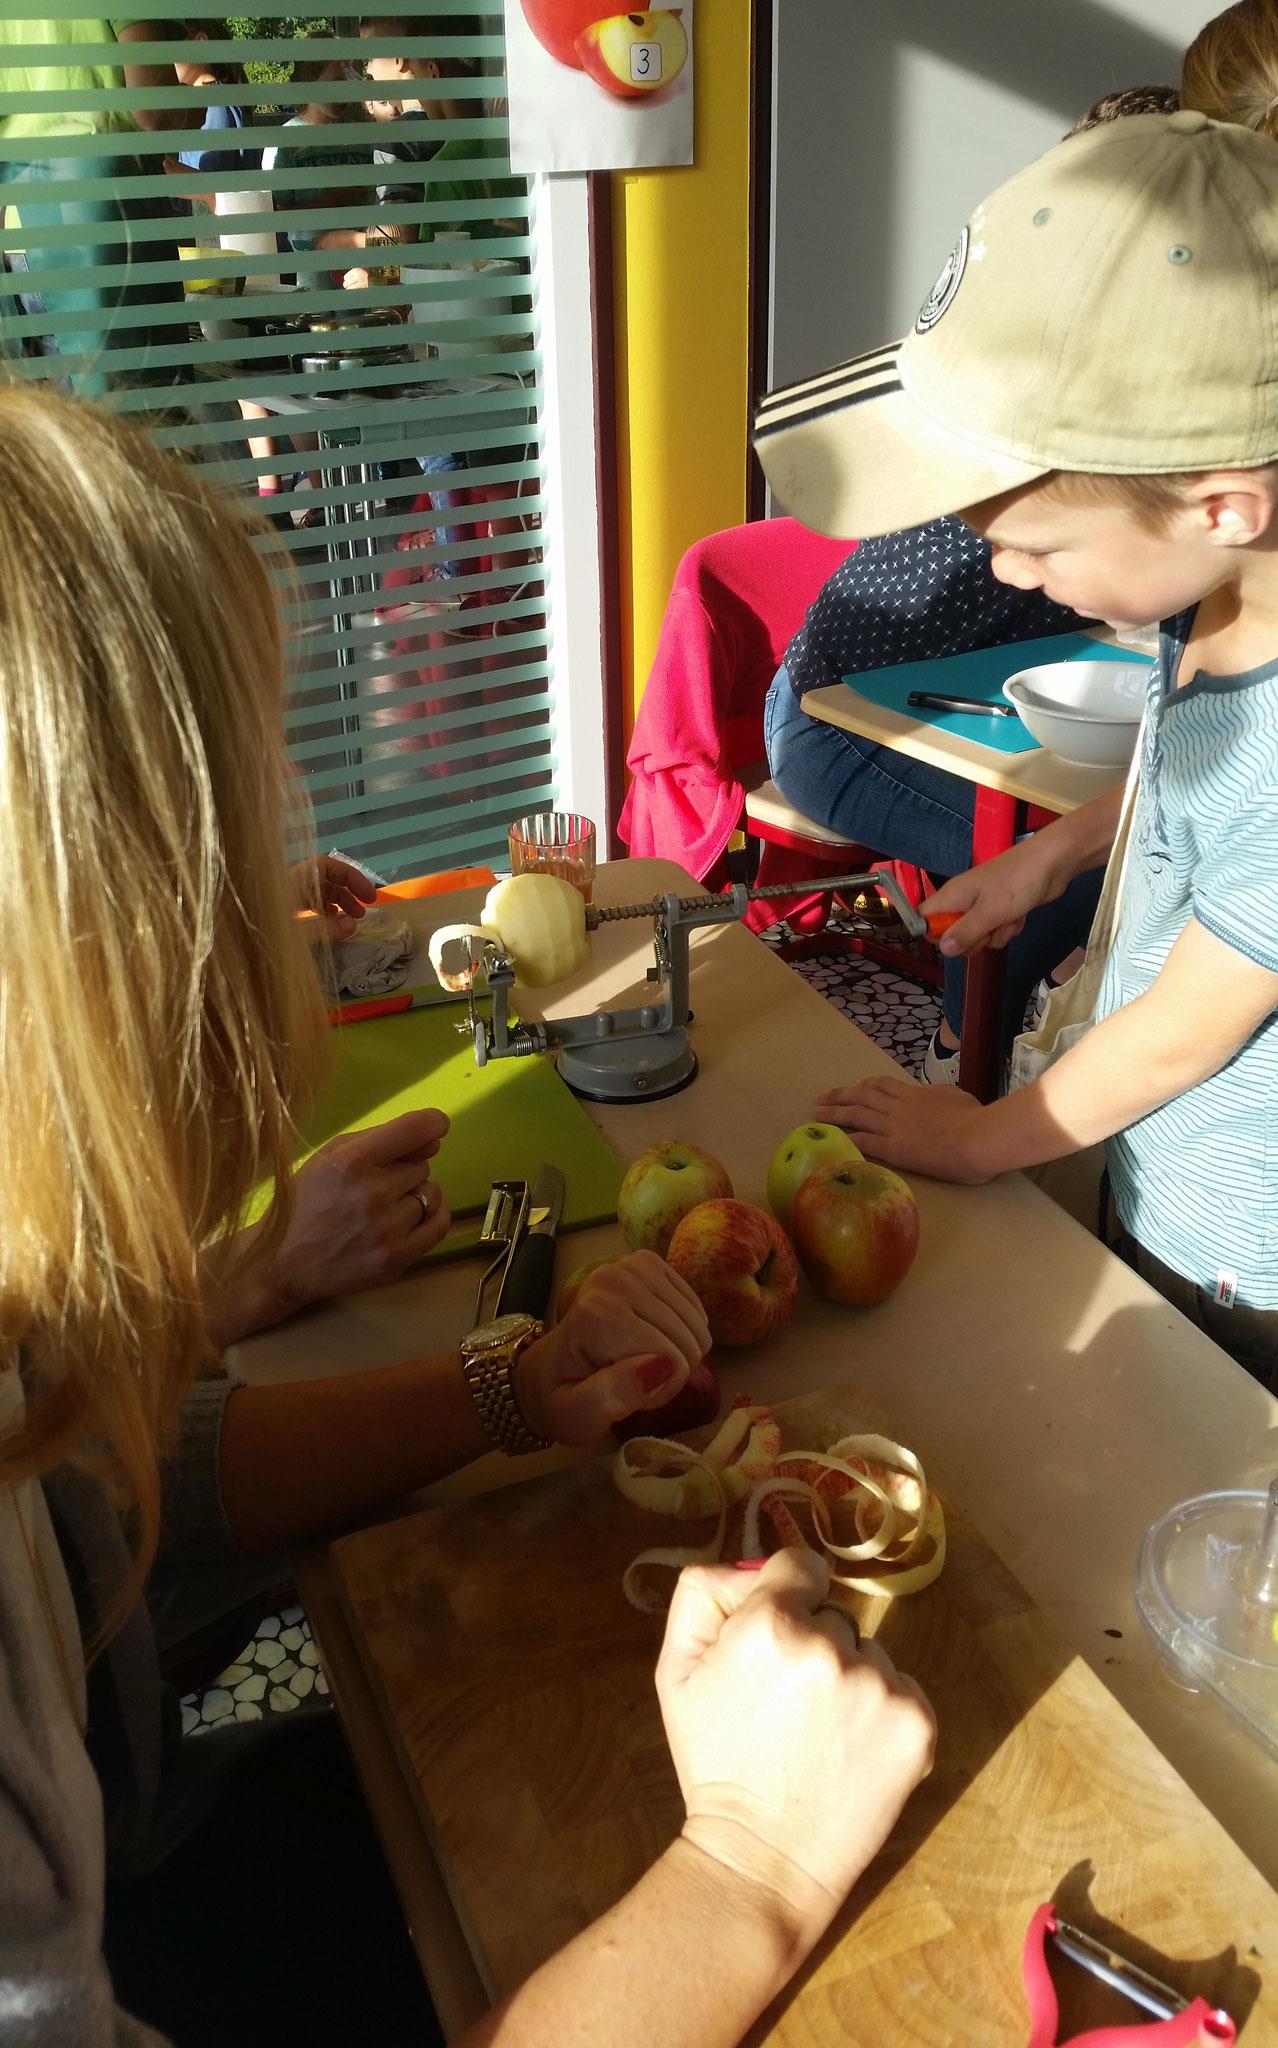 Luis schält den Apfel mit der Schälmaschine und zerlegt ihn in eine lange Spirale.